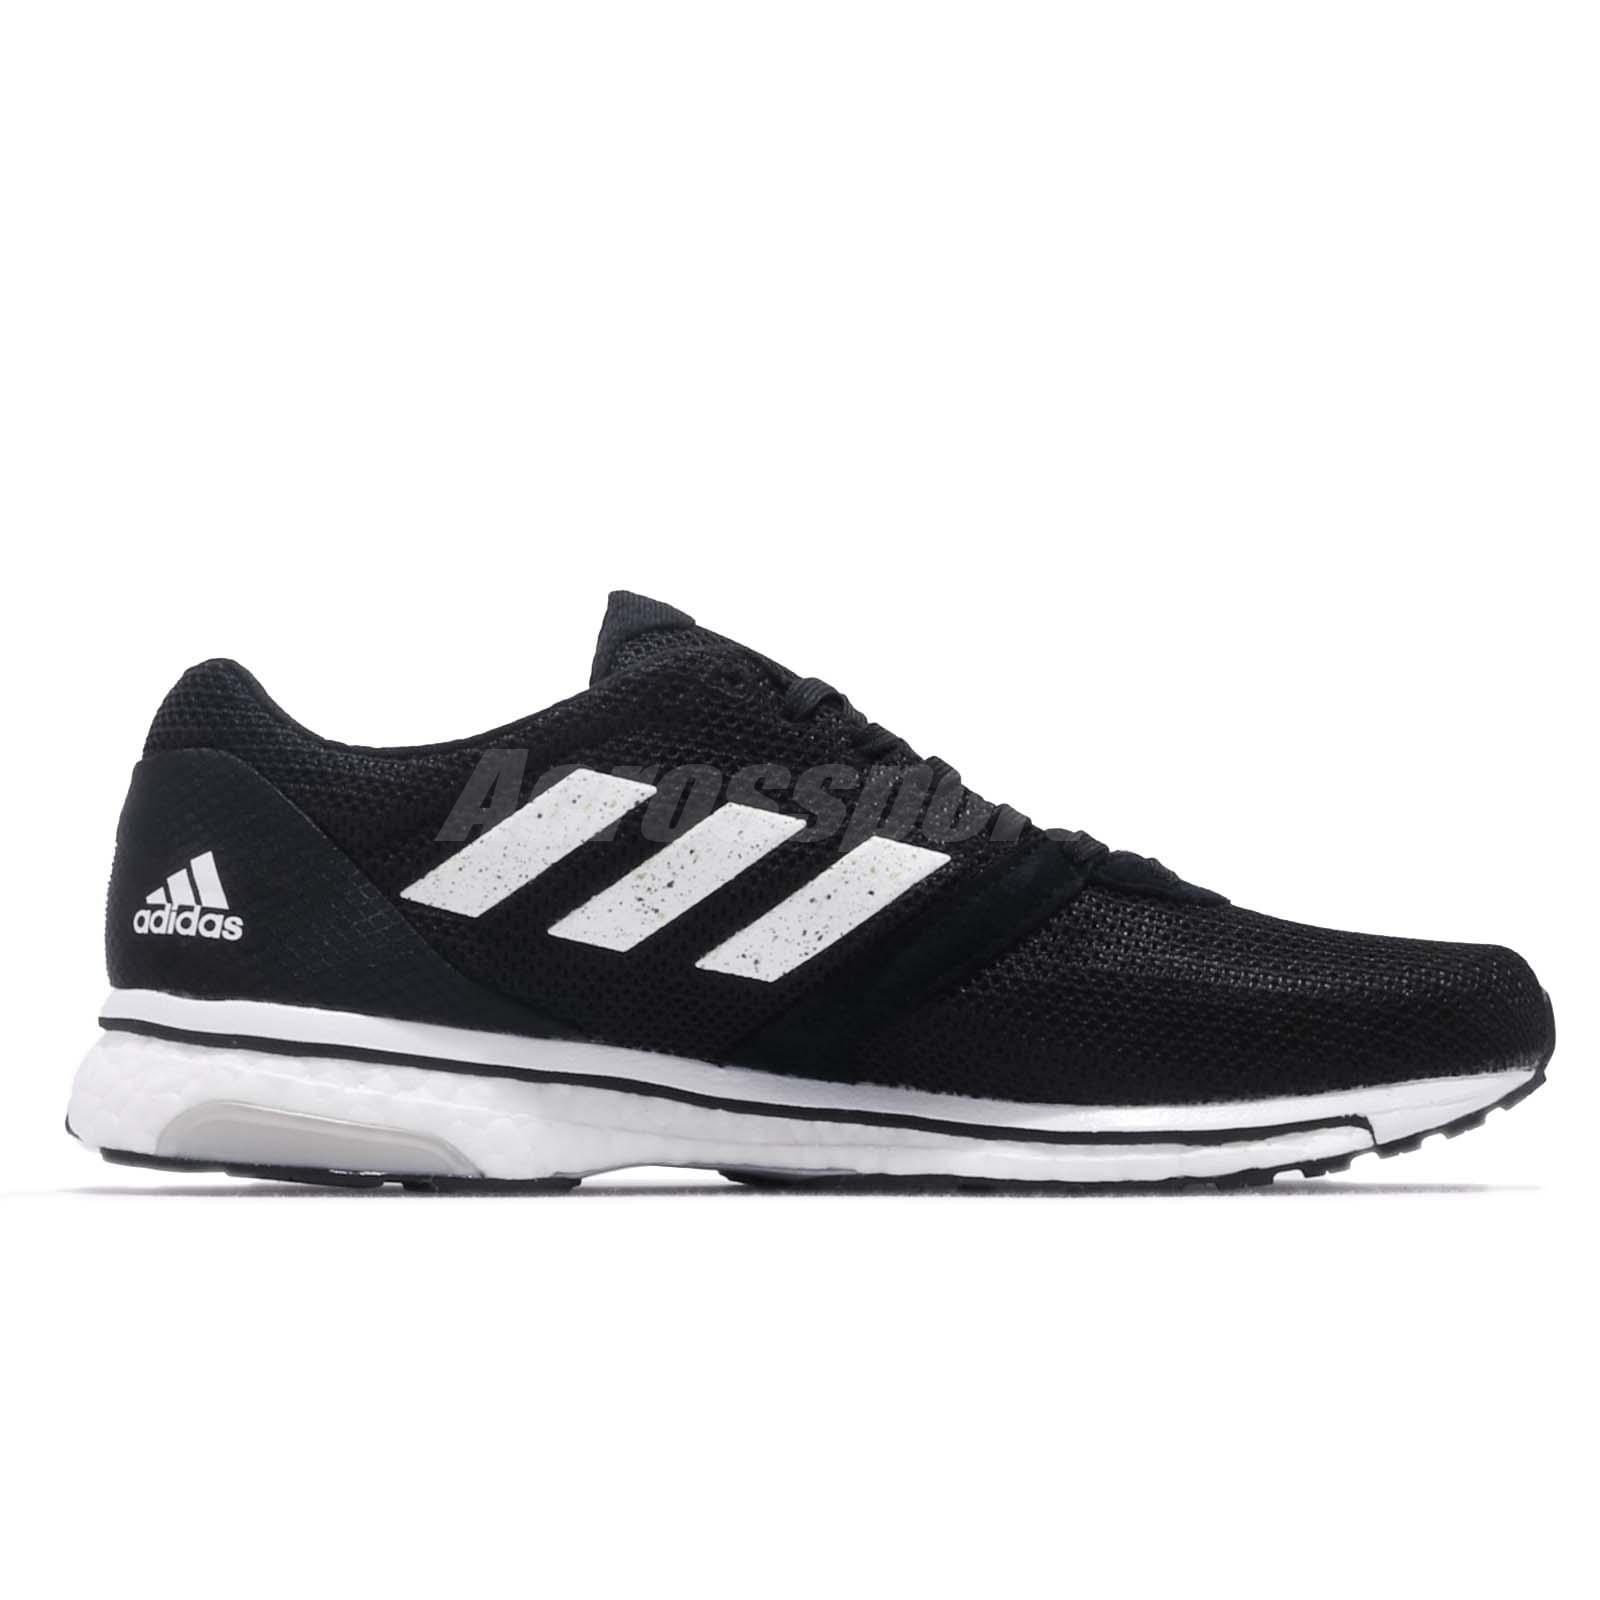 Adidas Energy Boost 5 : Multi Brand Schuhe Serie offiziellen